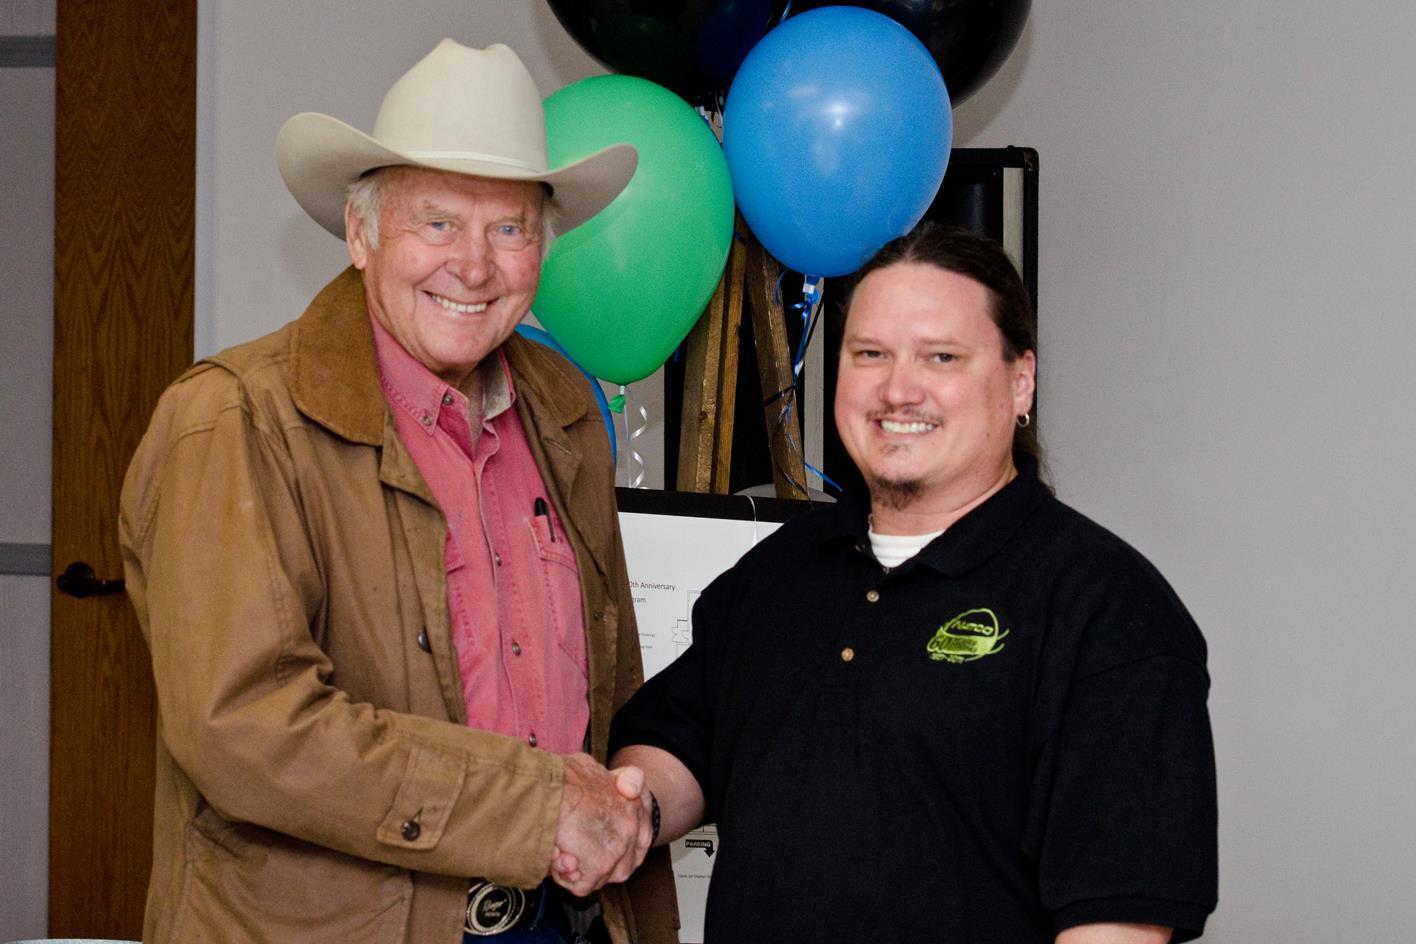 Forrest L. Wood poses with Steven Sanders, Jr.